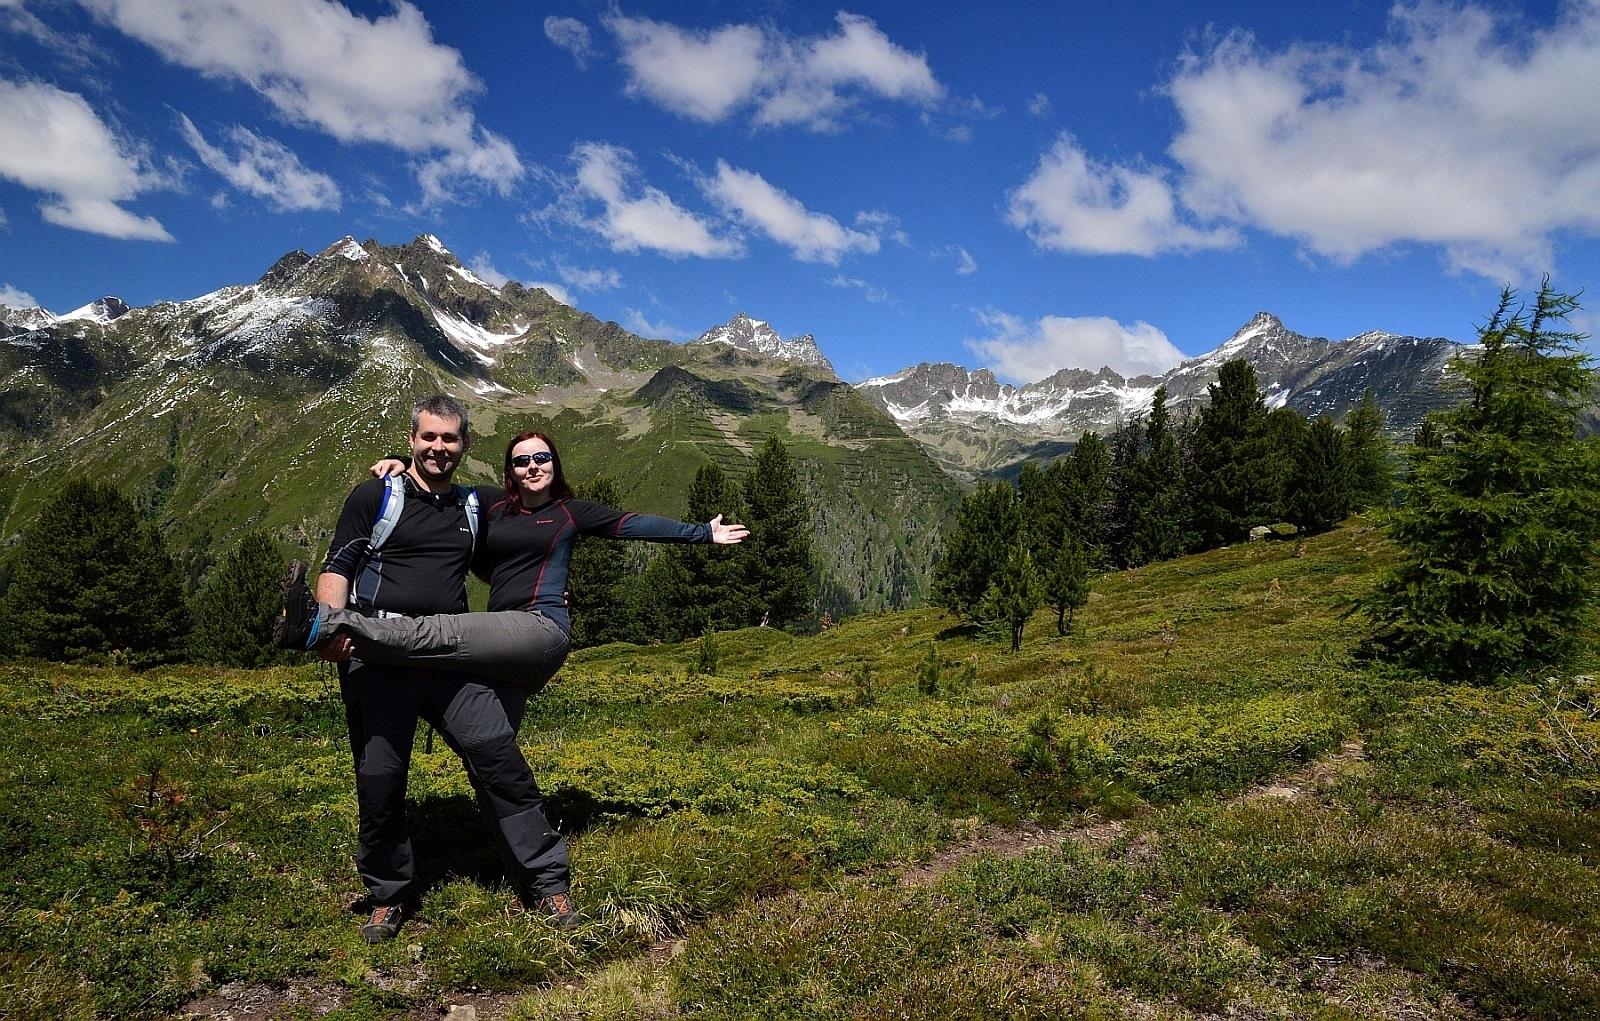 Dlaczego warto chodzić po górach